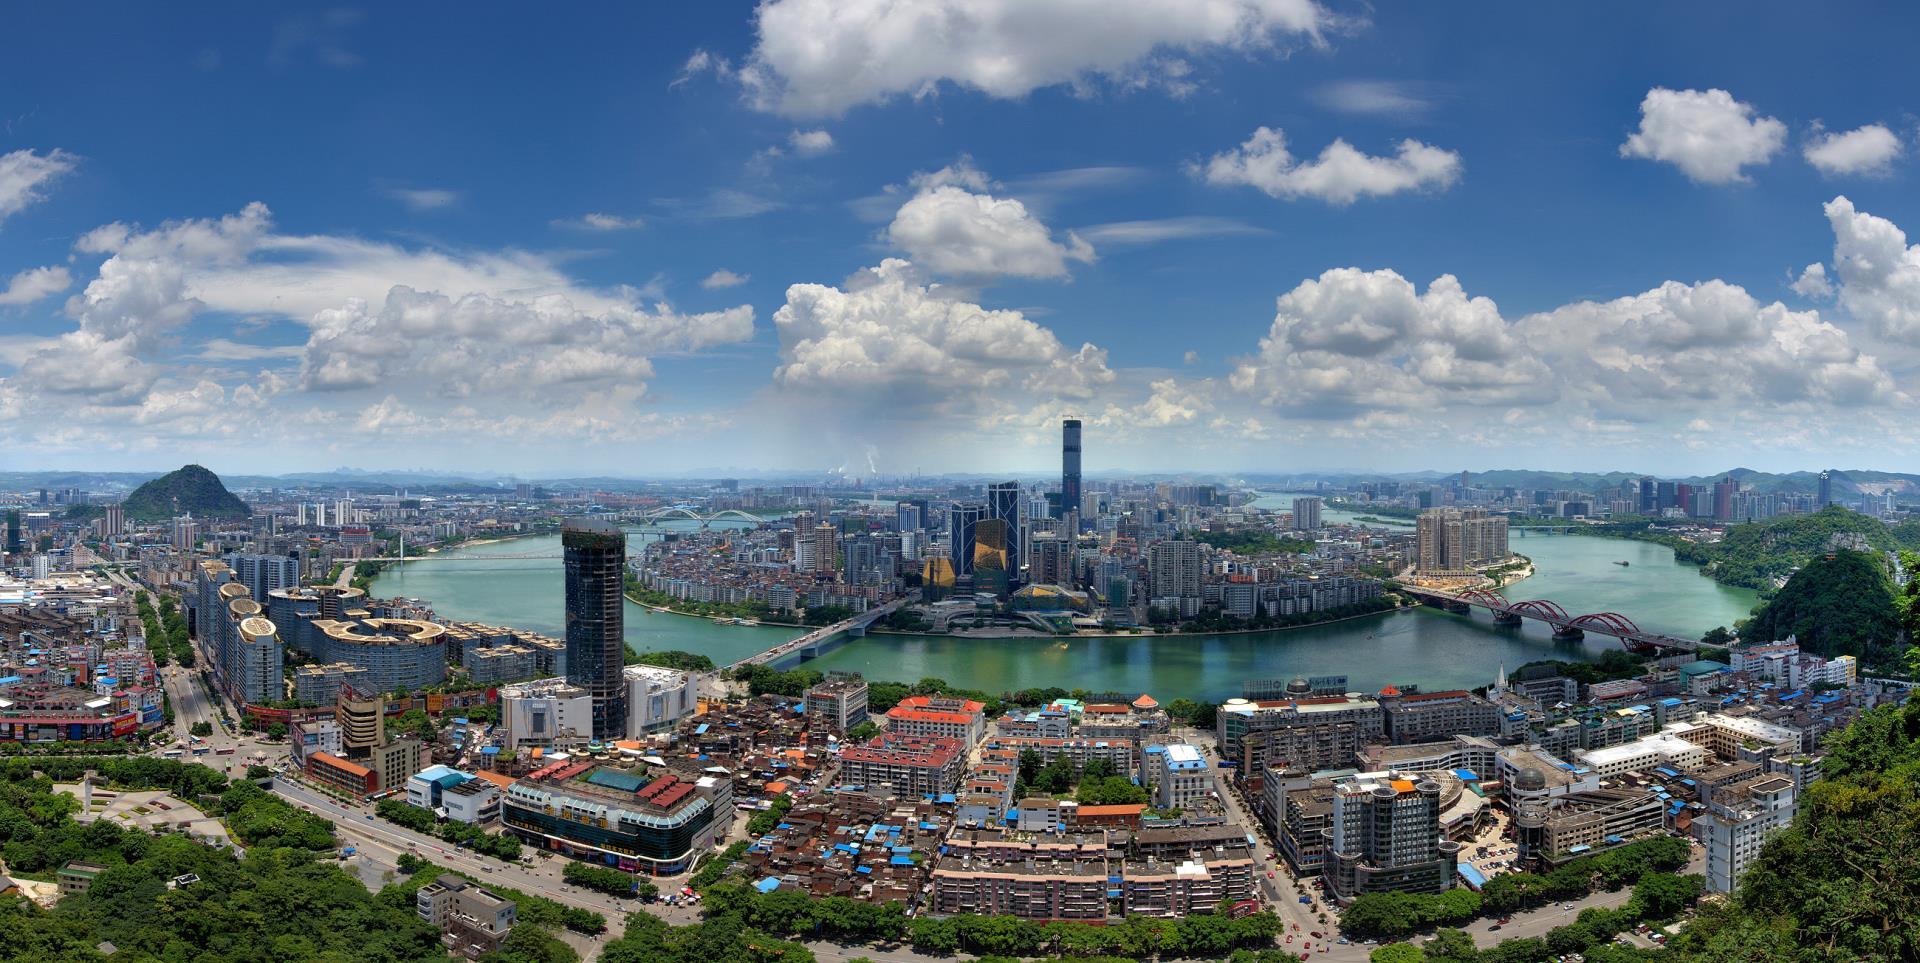 柳州又得国务院两项表扬!还得了激励政策!